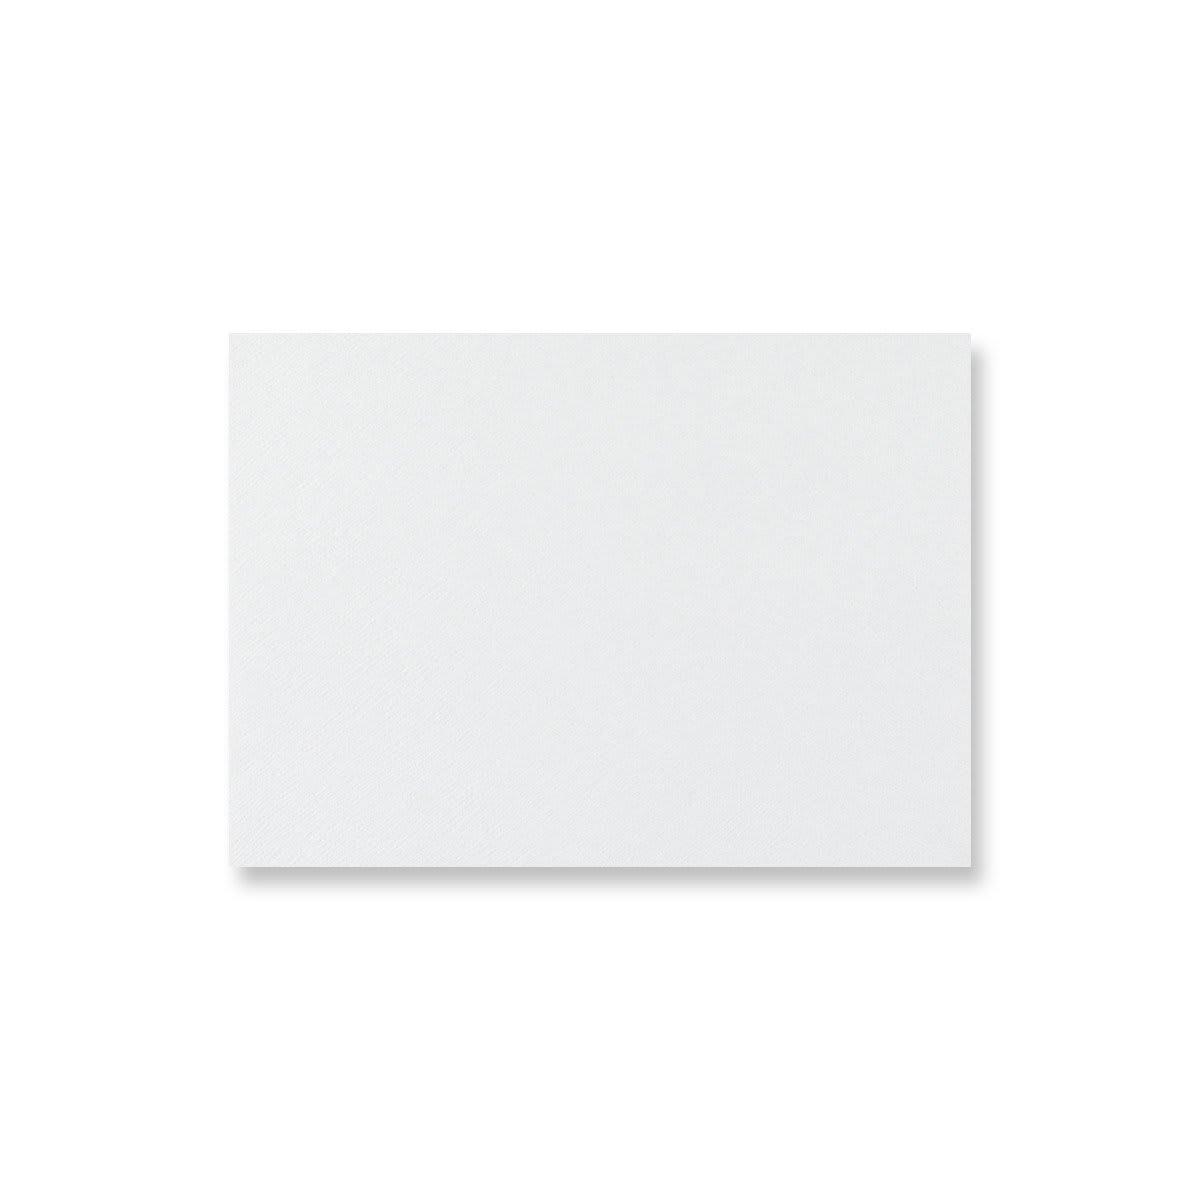 C7 WHITE BUTTERFLY ENVELOPES